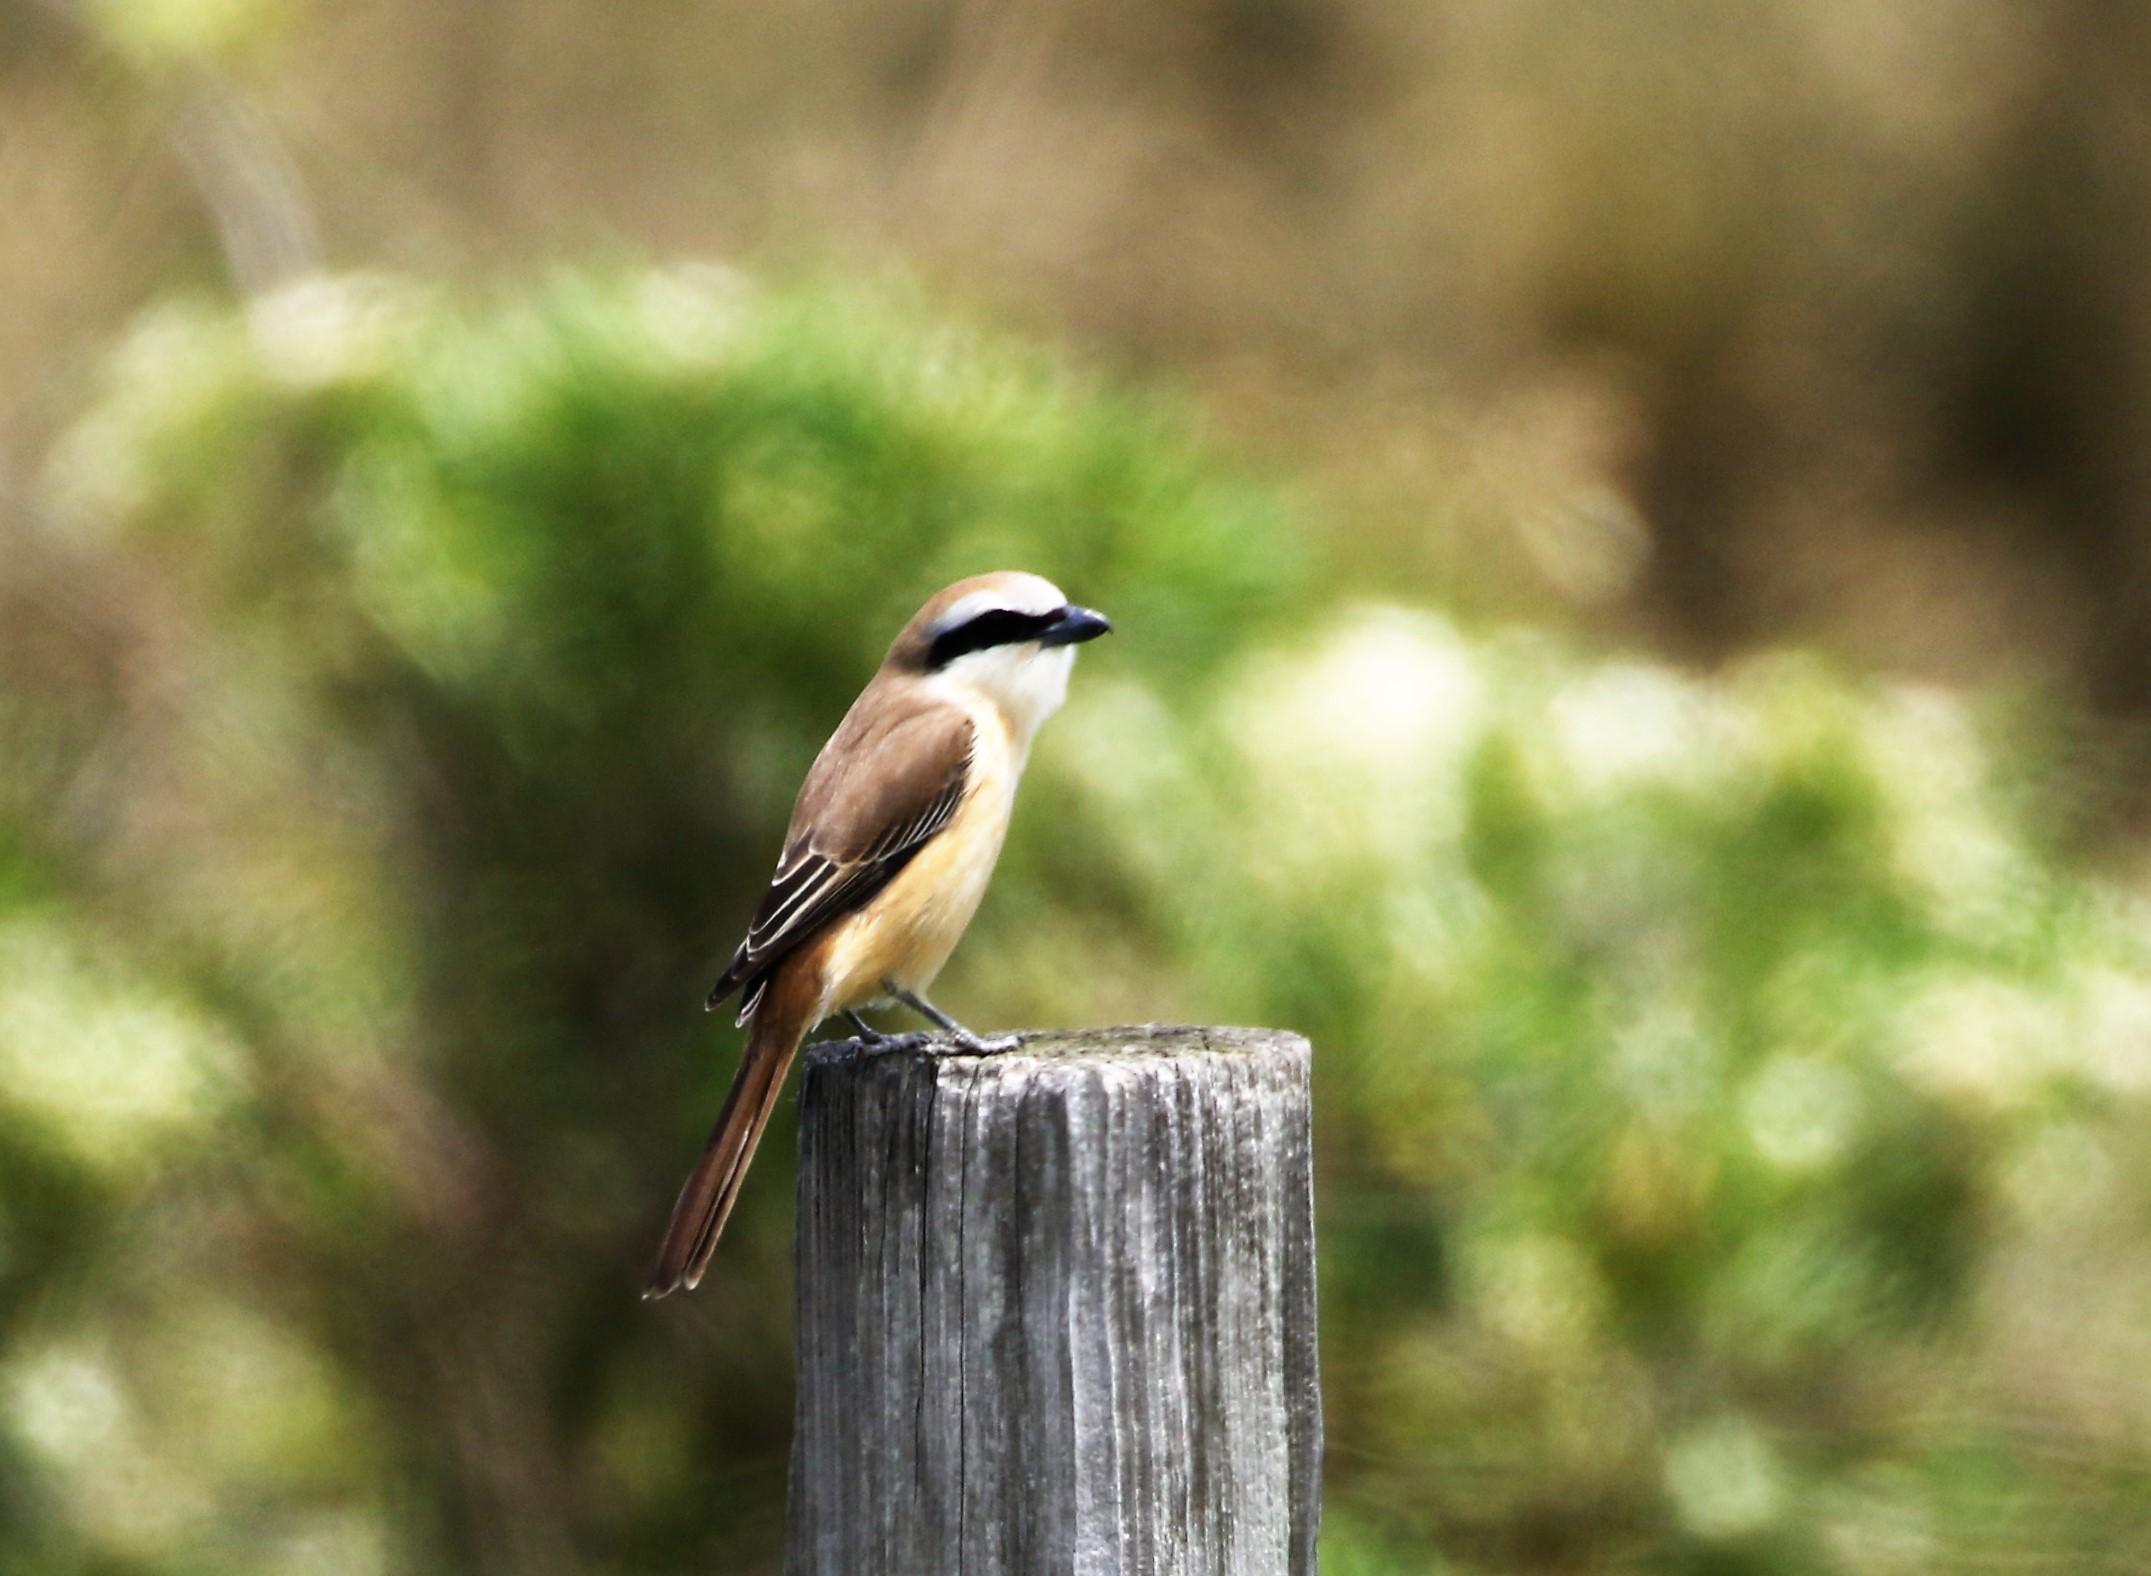 見島で出会った可愛い小鳥ちゃん_e0018678_12535856.jpg